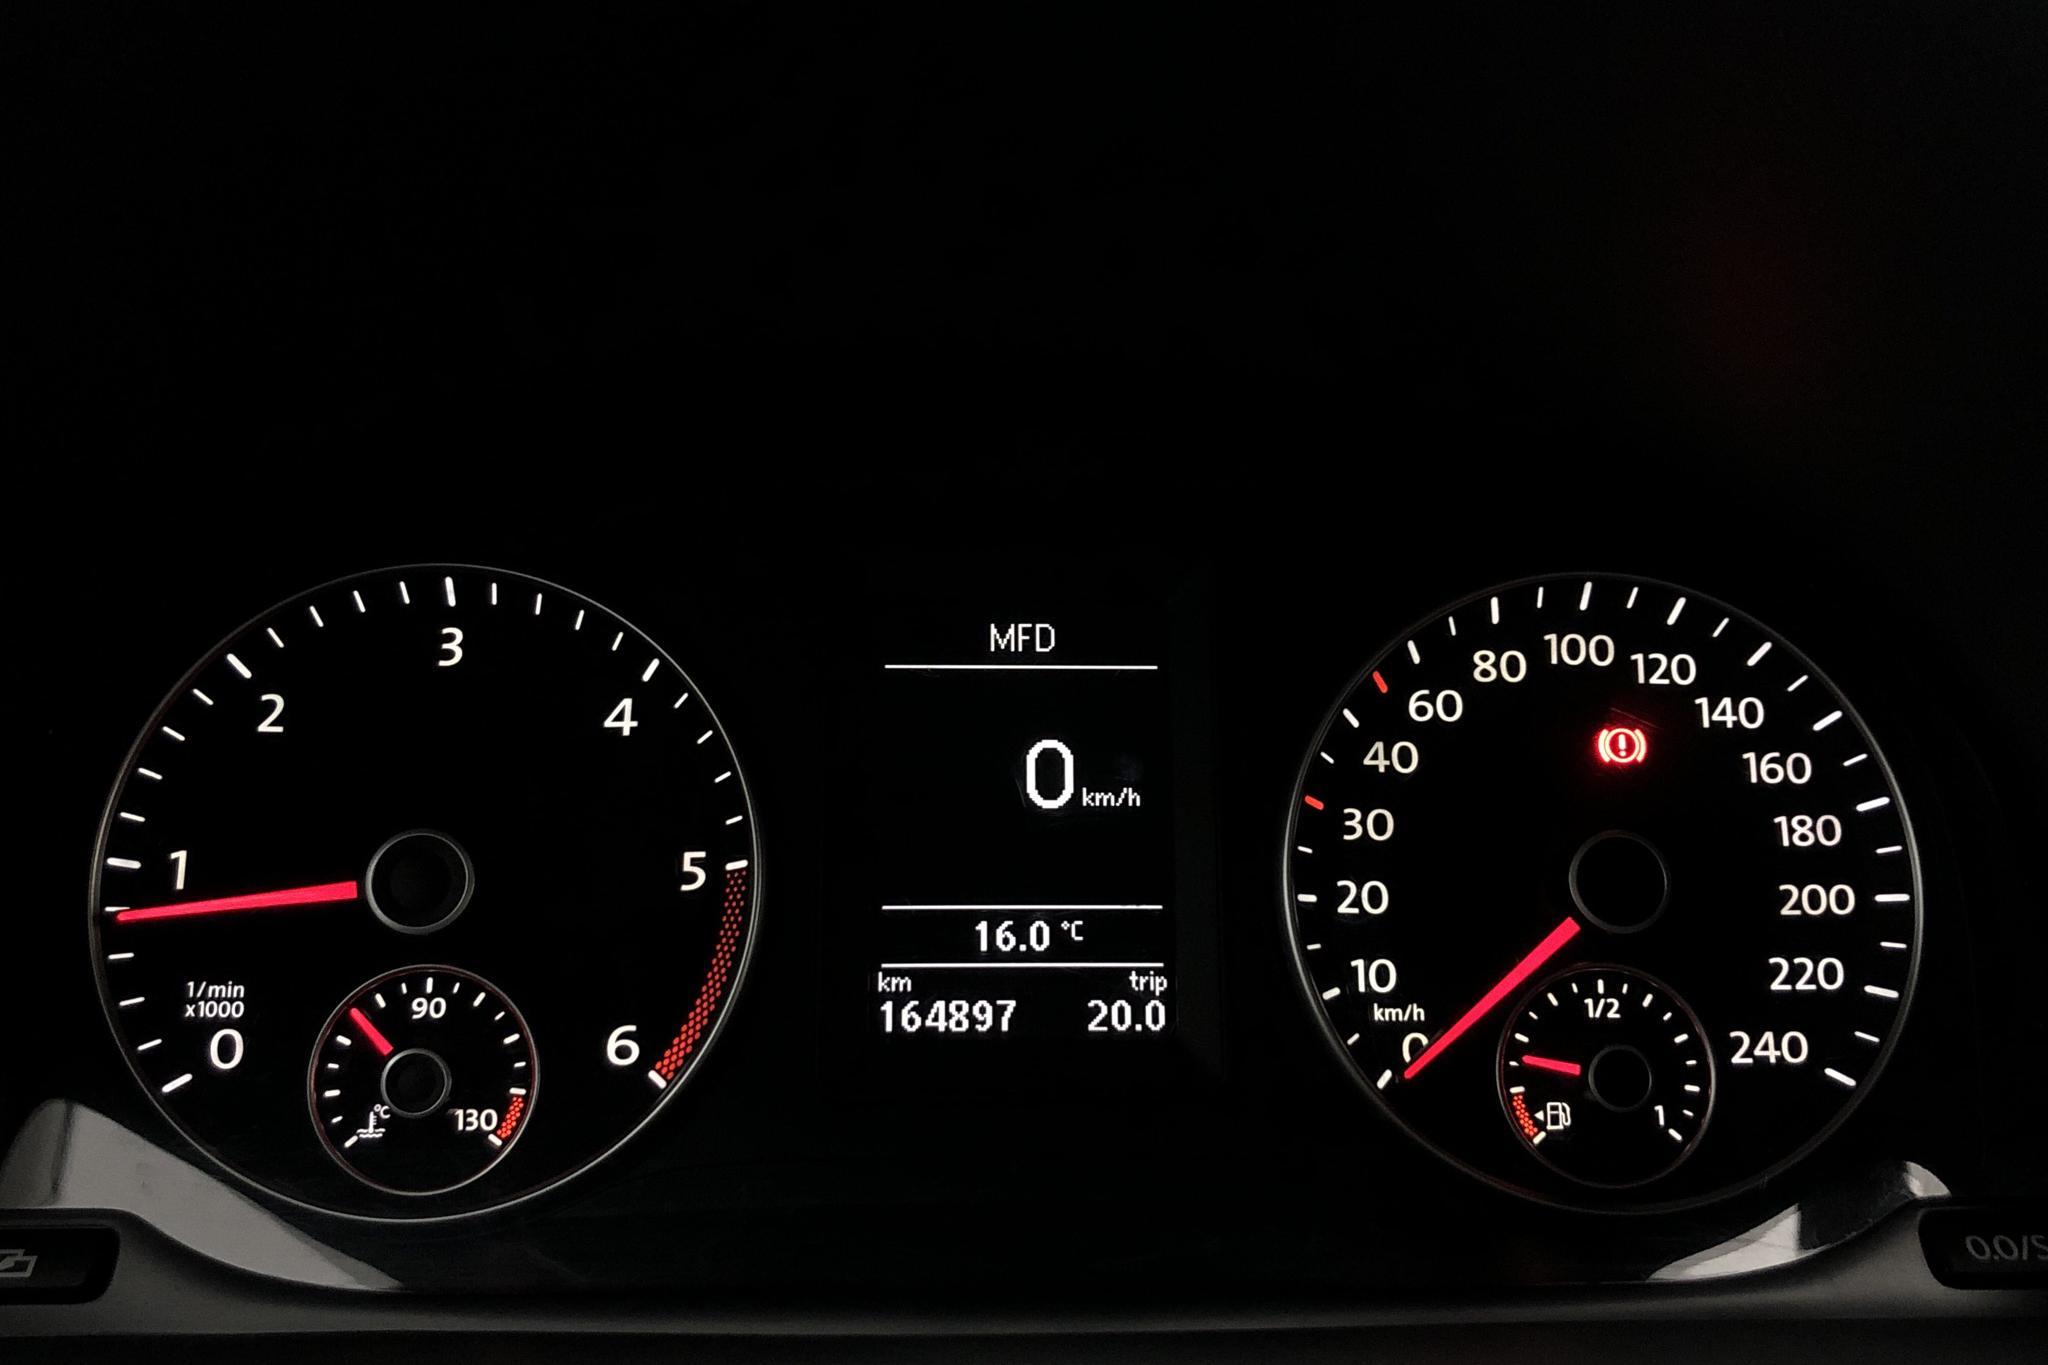 VW Caddy 1.6 TDI Skåp (75hk) - 164 890 km - Manual - white - 2011